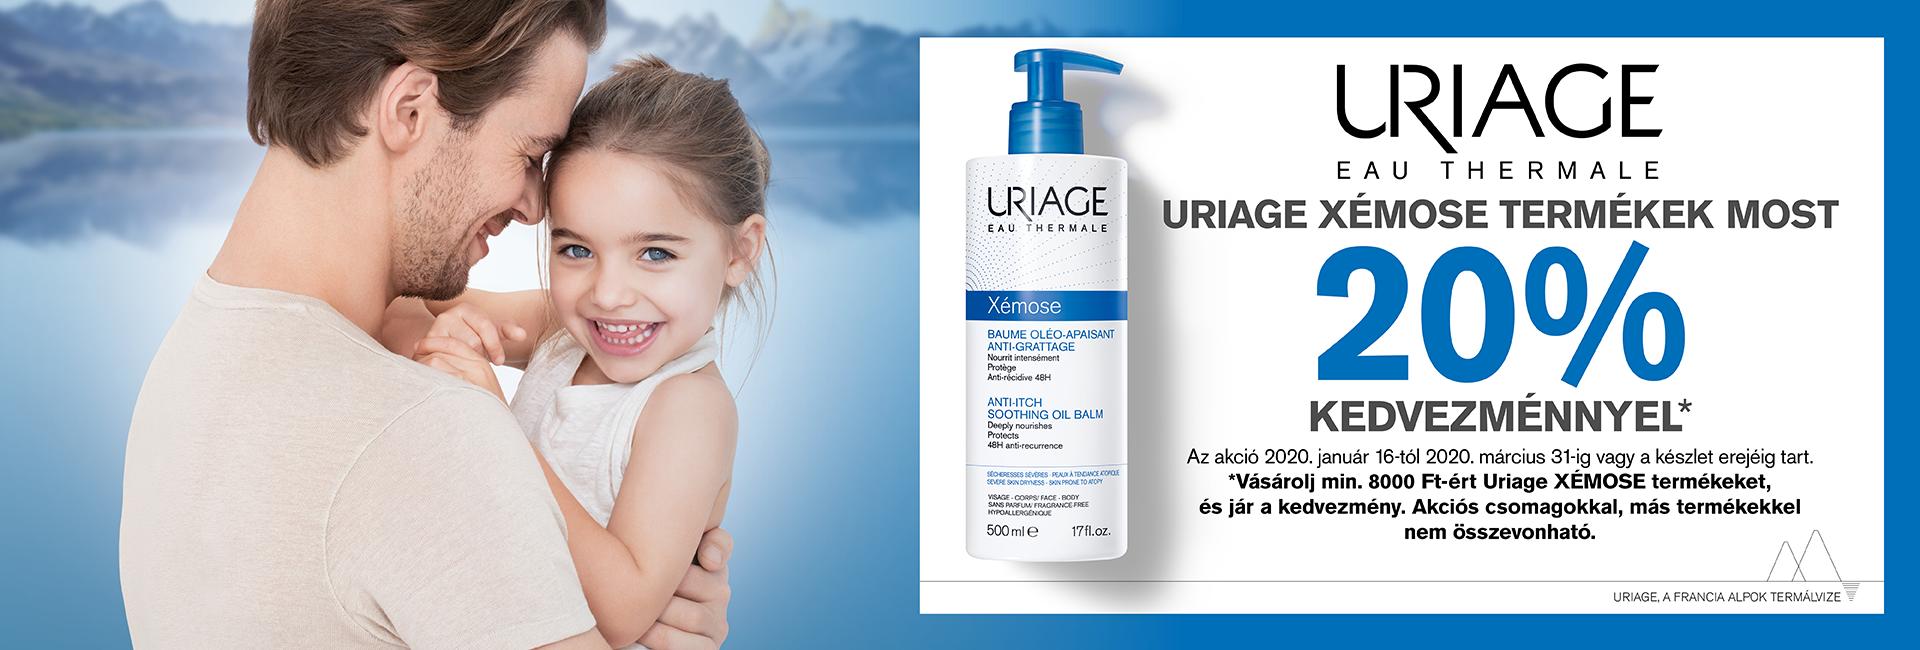 2020. január 16. és március 31. között minden Uriage Xémose terméket 20% kedvezménnyel kínálunk!